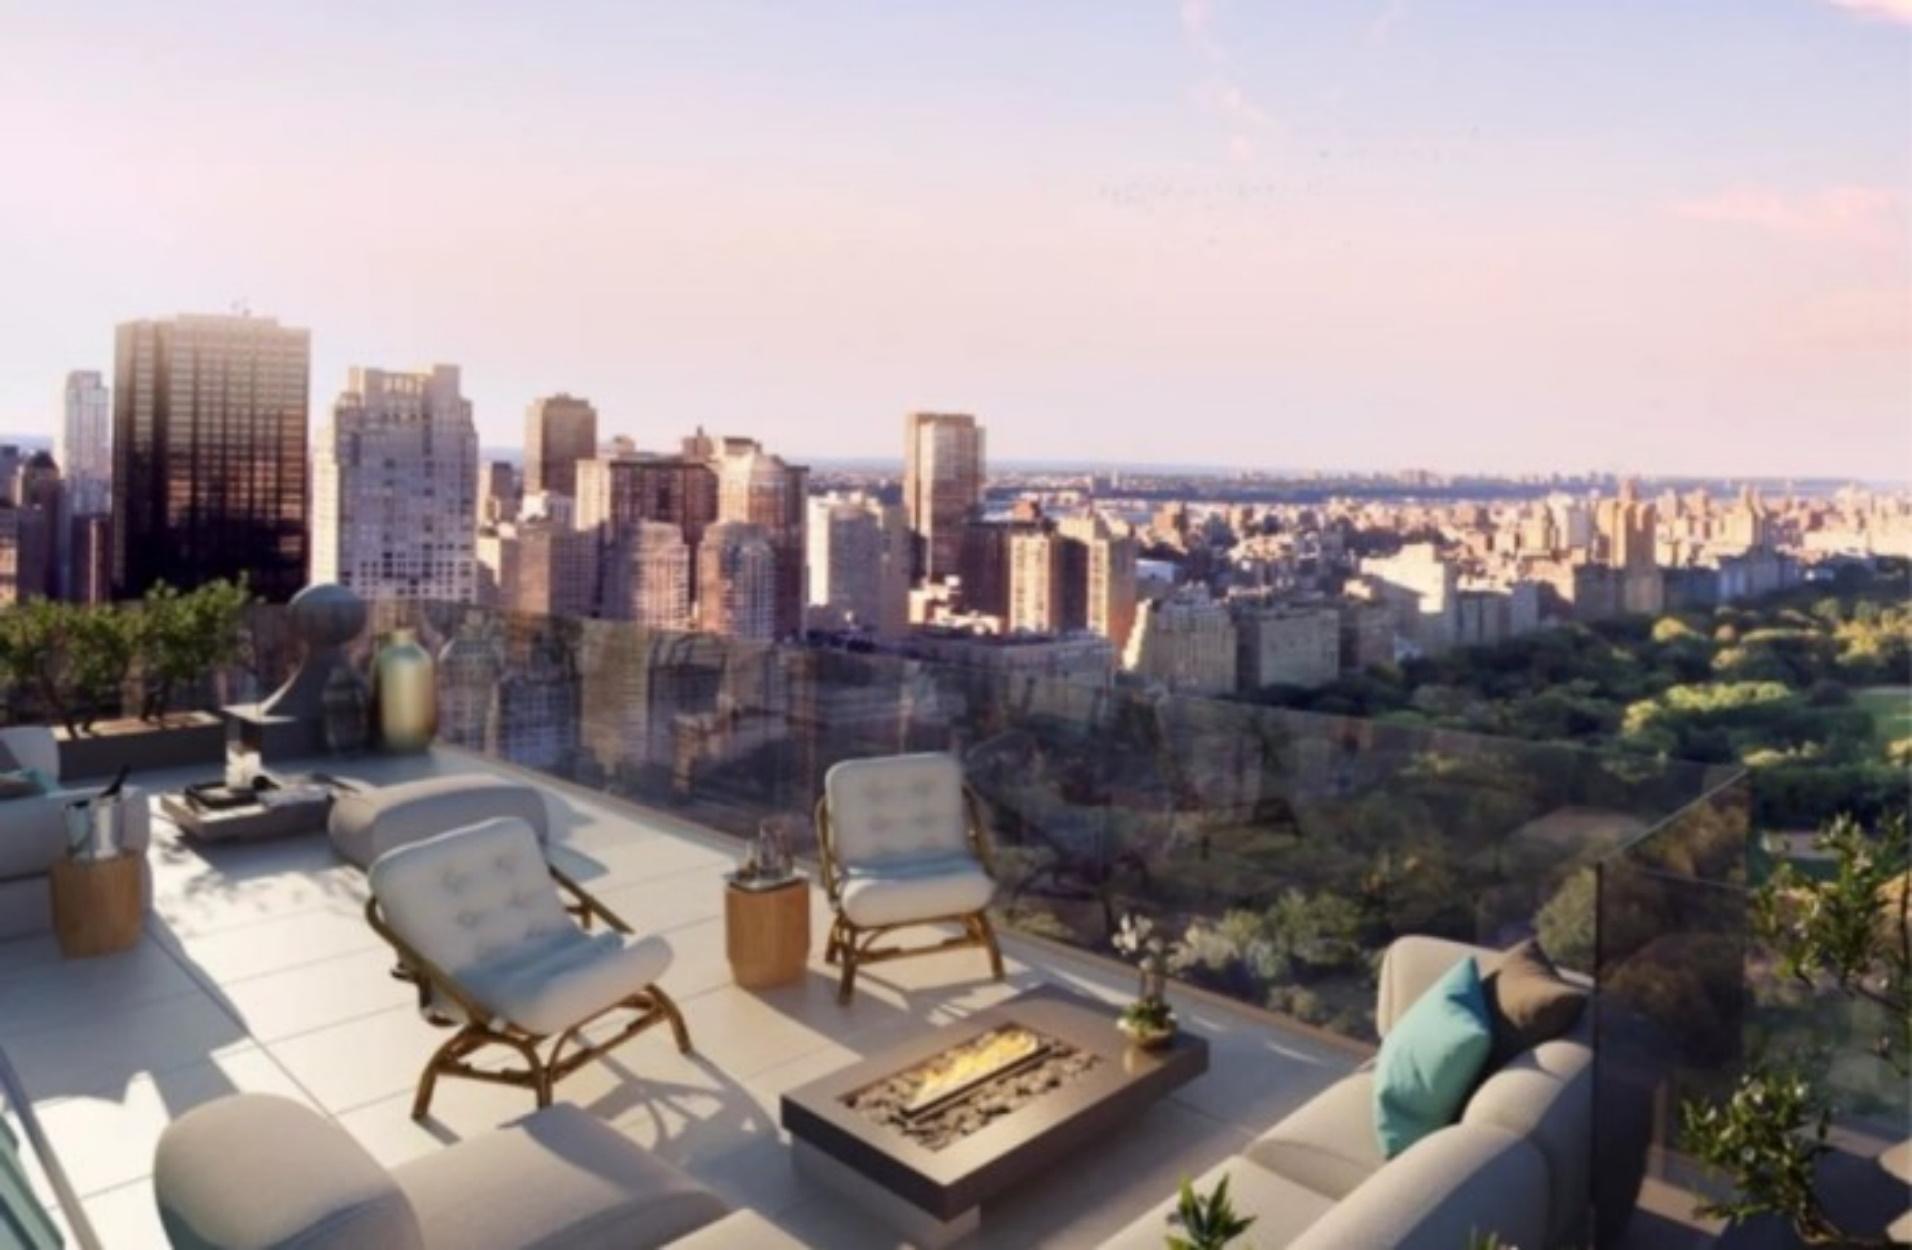 Μέσα στο πιο ακριβό διαμέρισμα της Νέας Υόρκης!